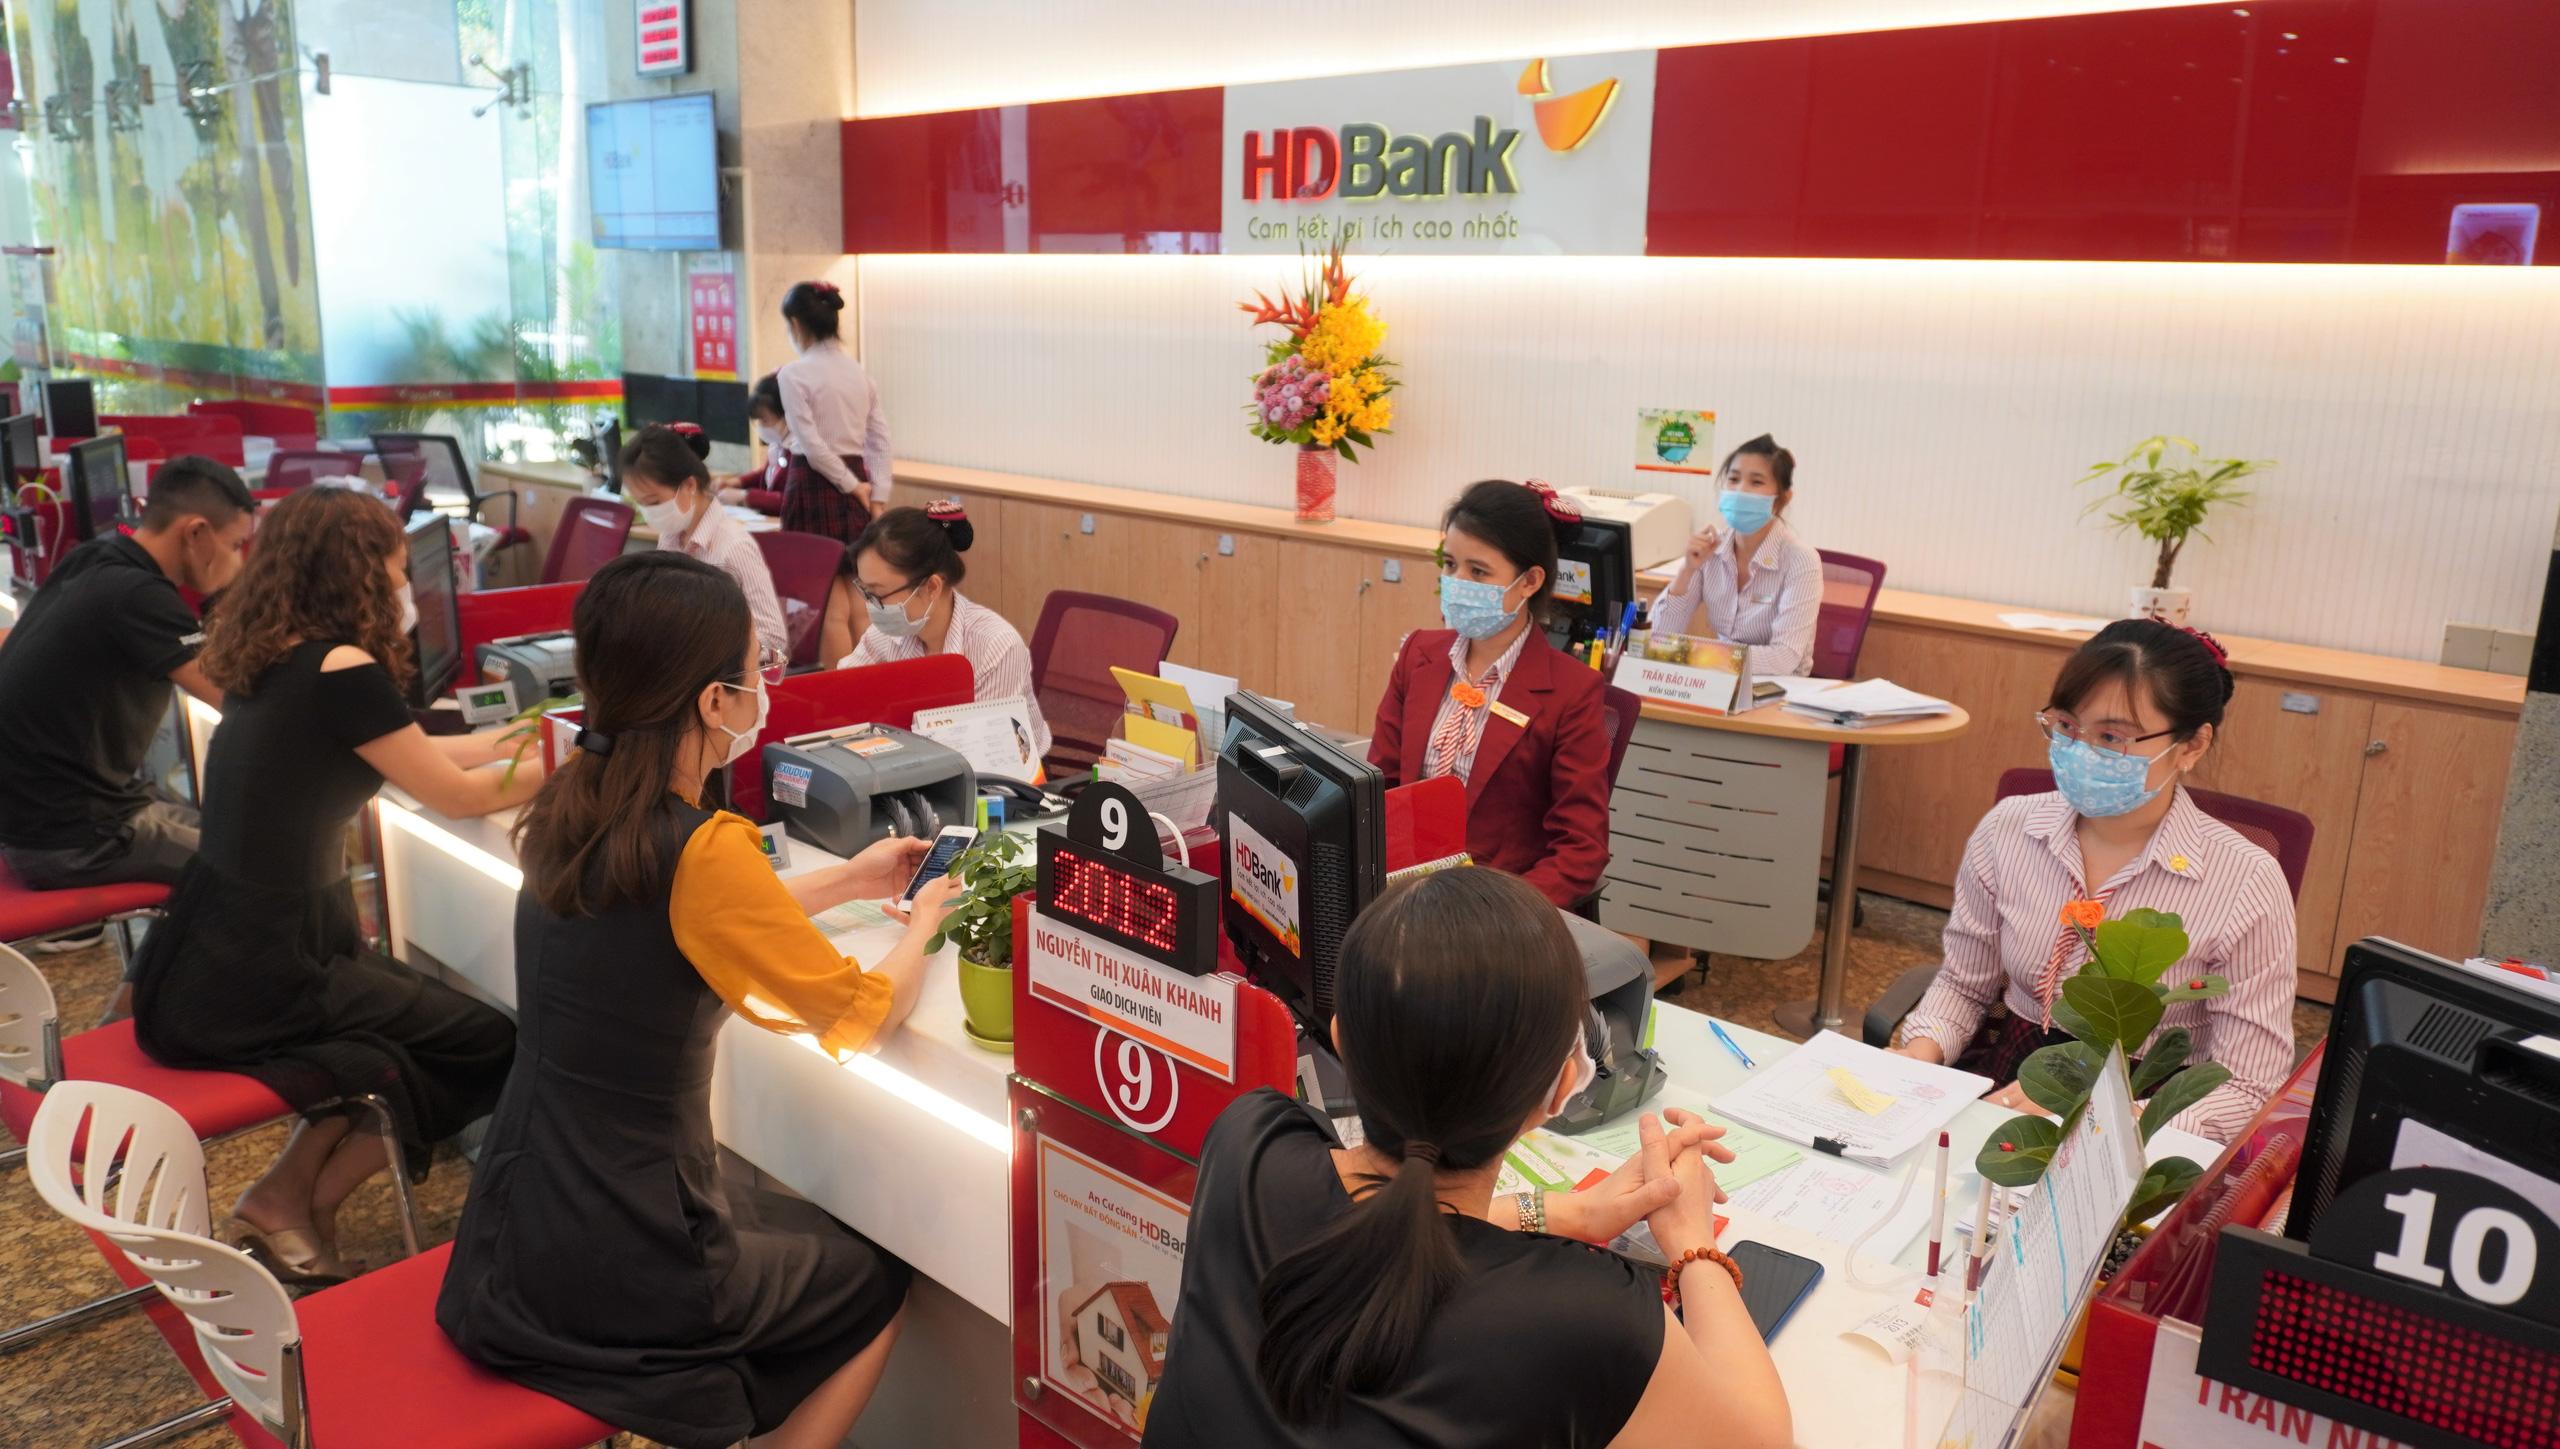 HDBank huy động thành công 71 triệu USD từ Mega Bank - Ảnh 1.